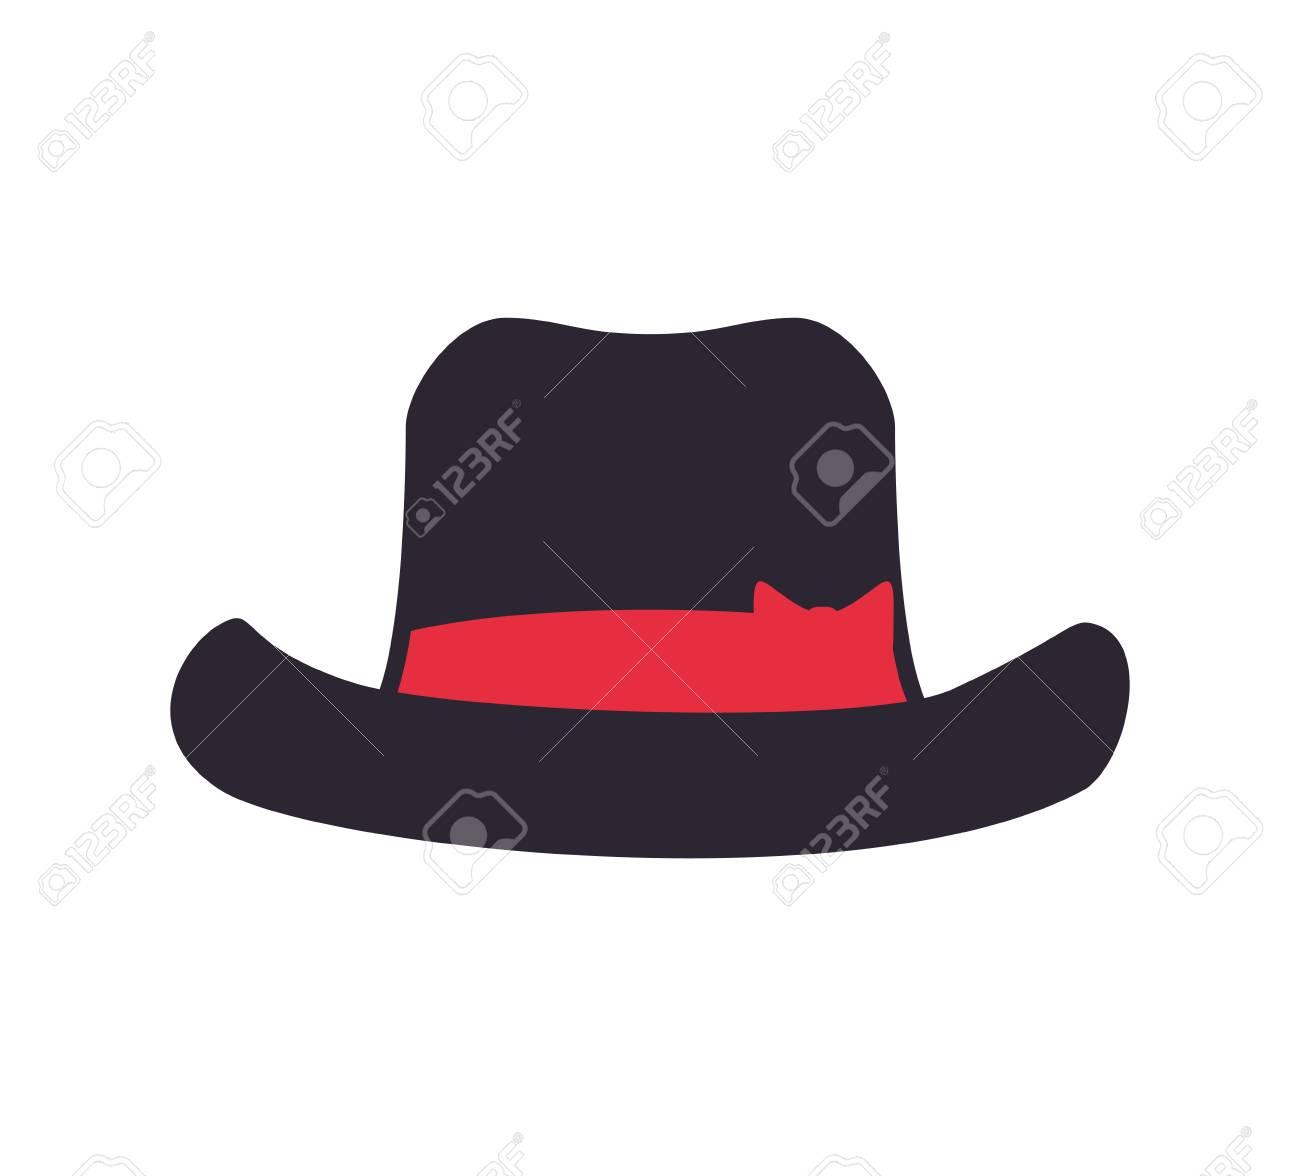 0ebef07f1ab71 Foto de archivo - Sombrero de paño hombre icono caballero. ilustración y  plana. gráfico vectorial